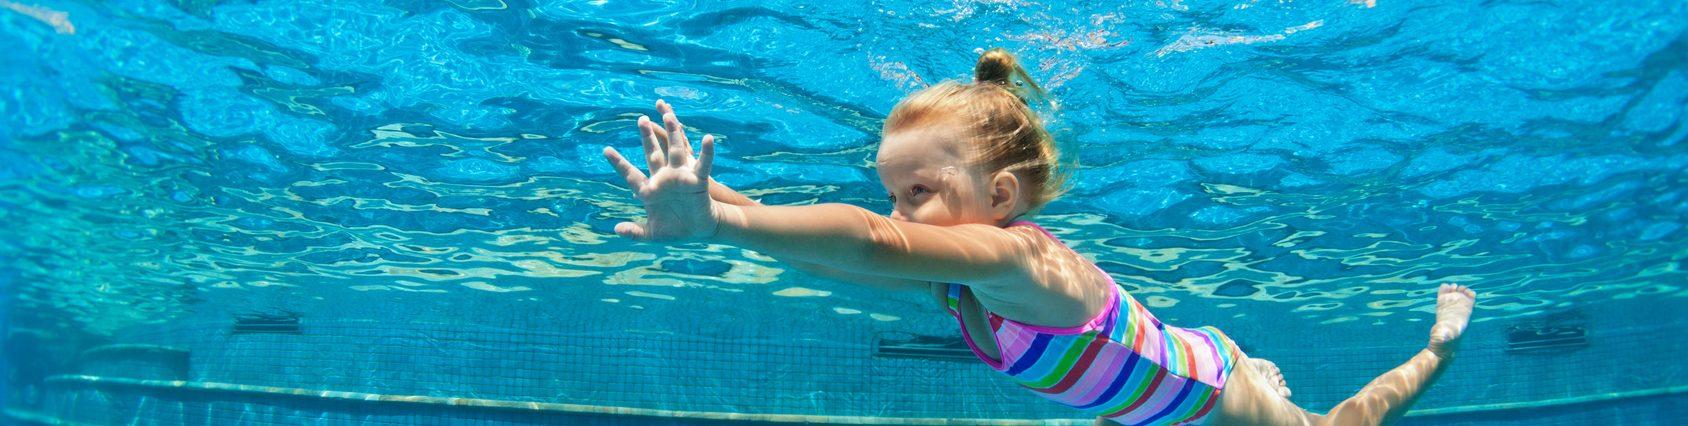 exercício físico, asma, criança, natação, água, tratamento, prescrita